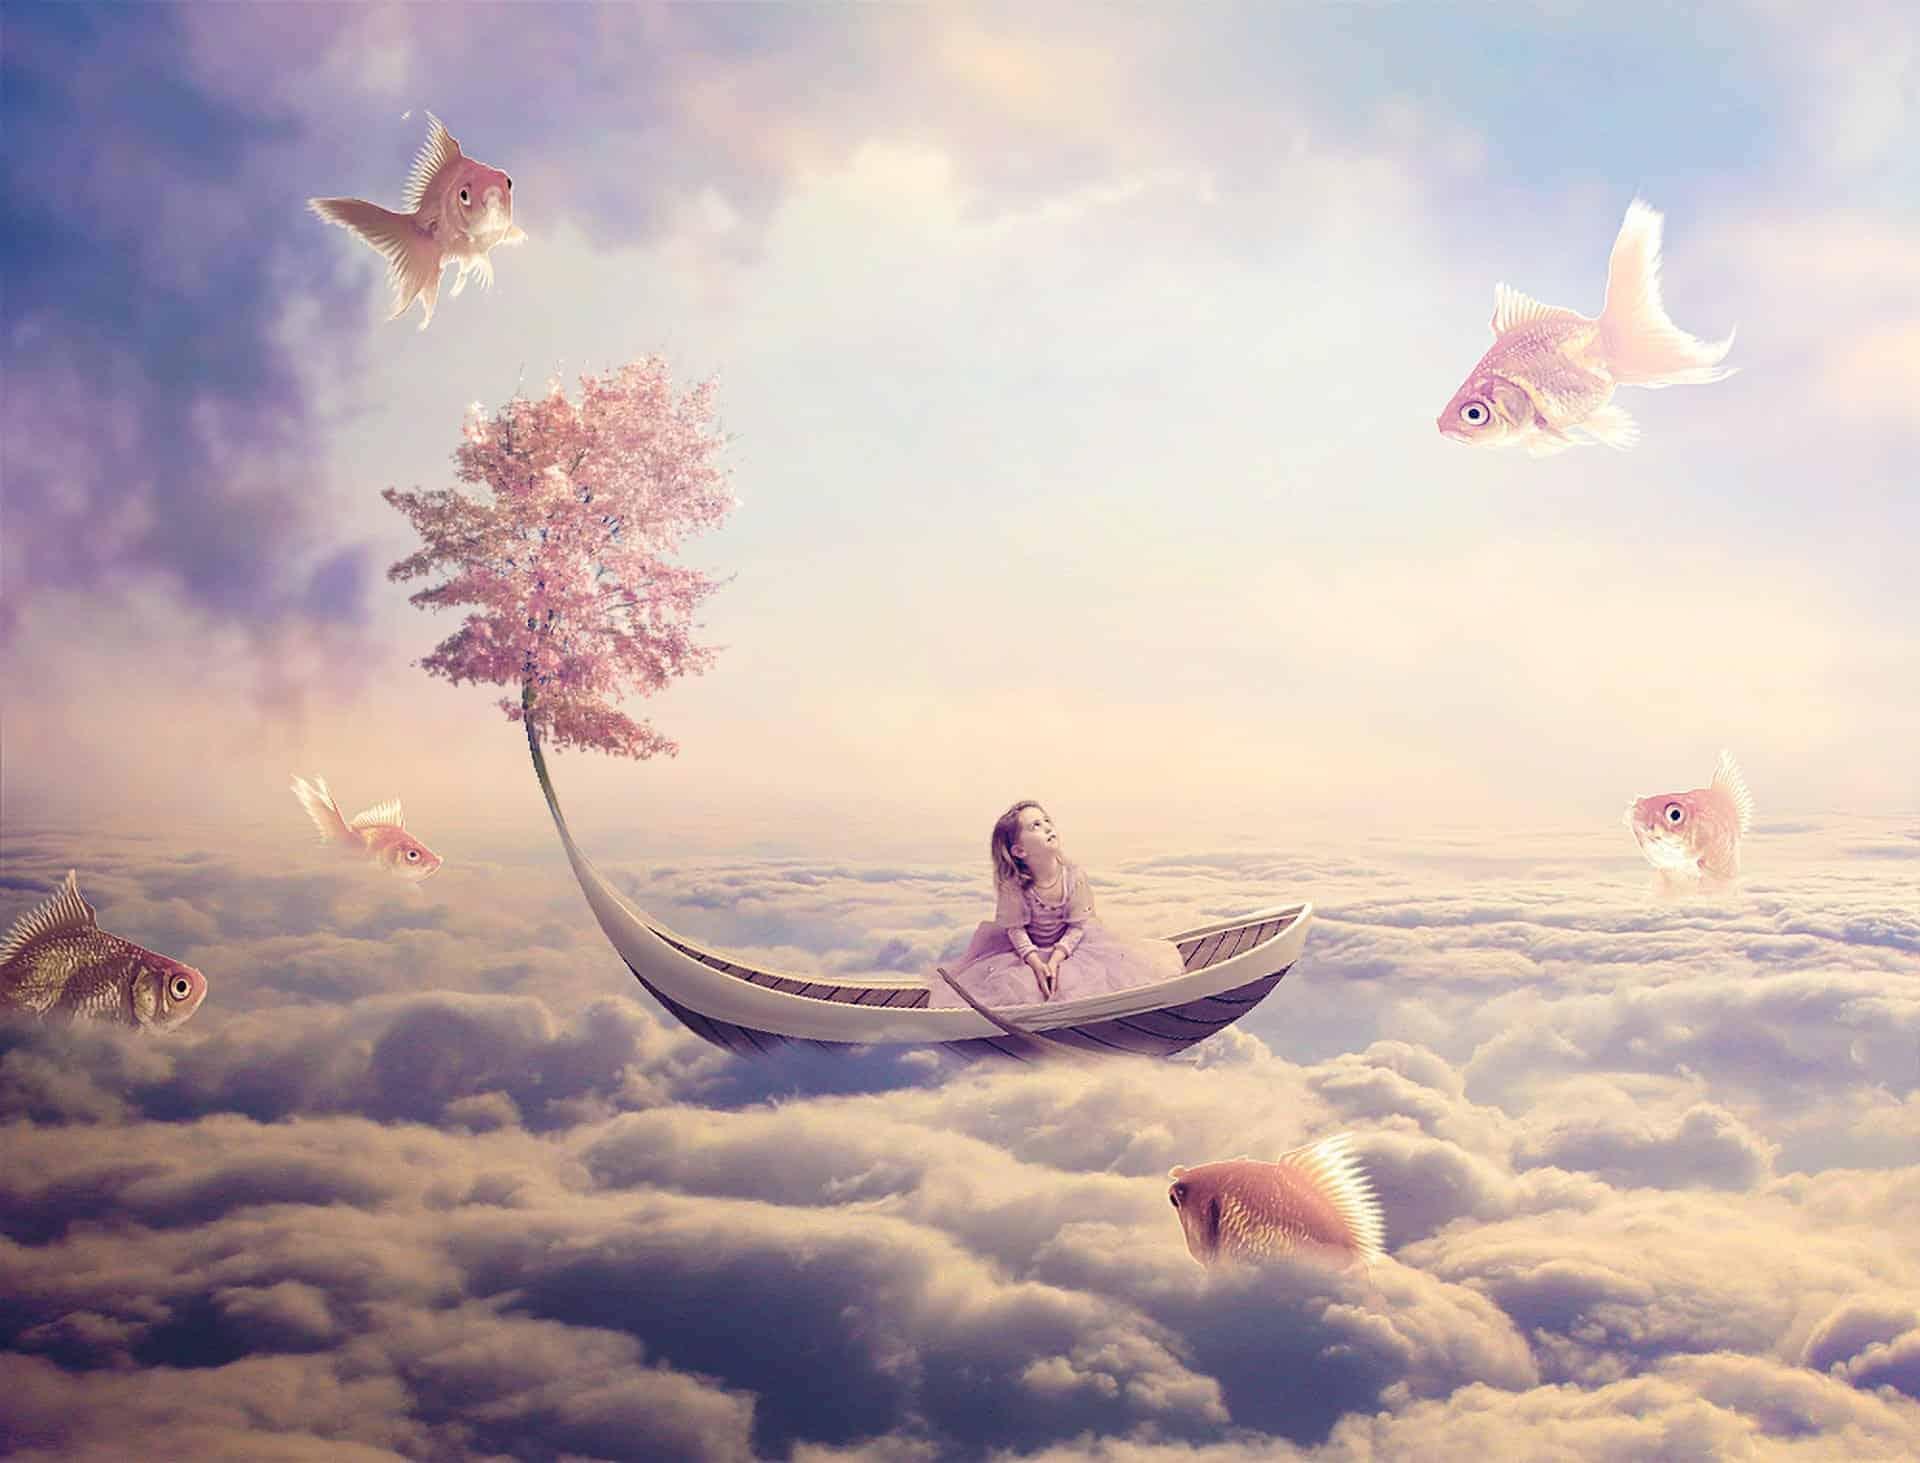 Create a Fantasy Fish Scene above the Sky